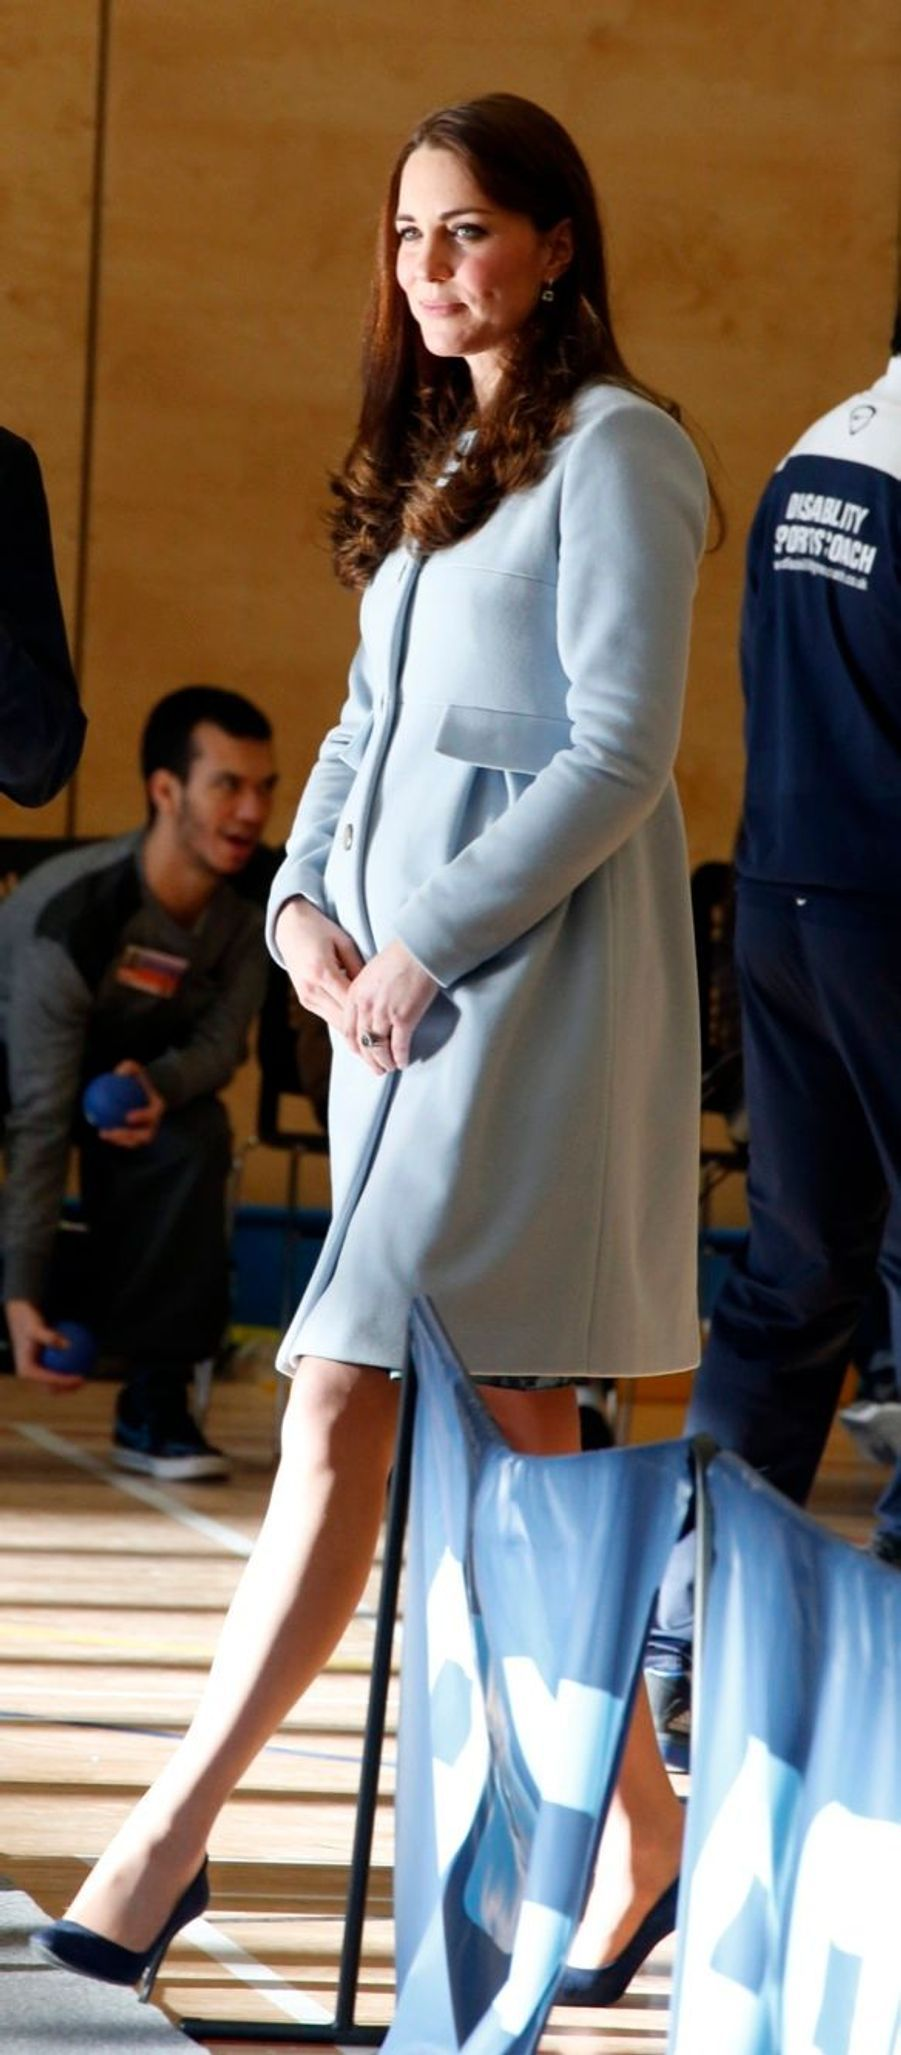 59 La Duchesse De Cambridge, Née Kate Middleton, En Visite À Kensington